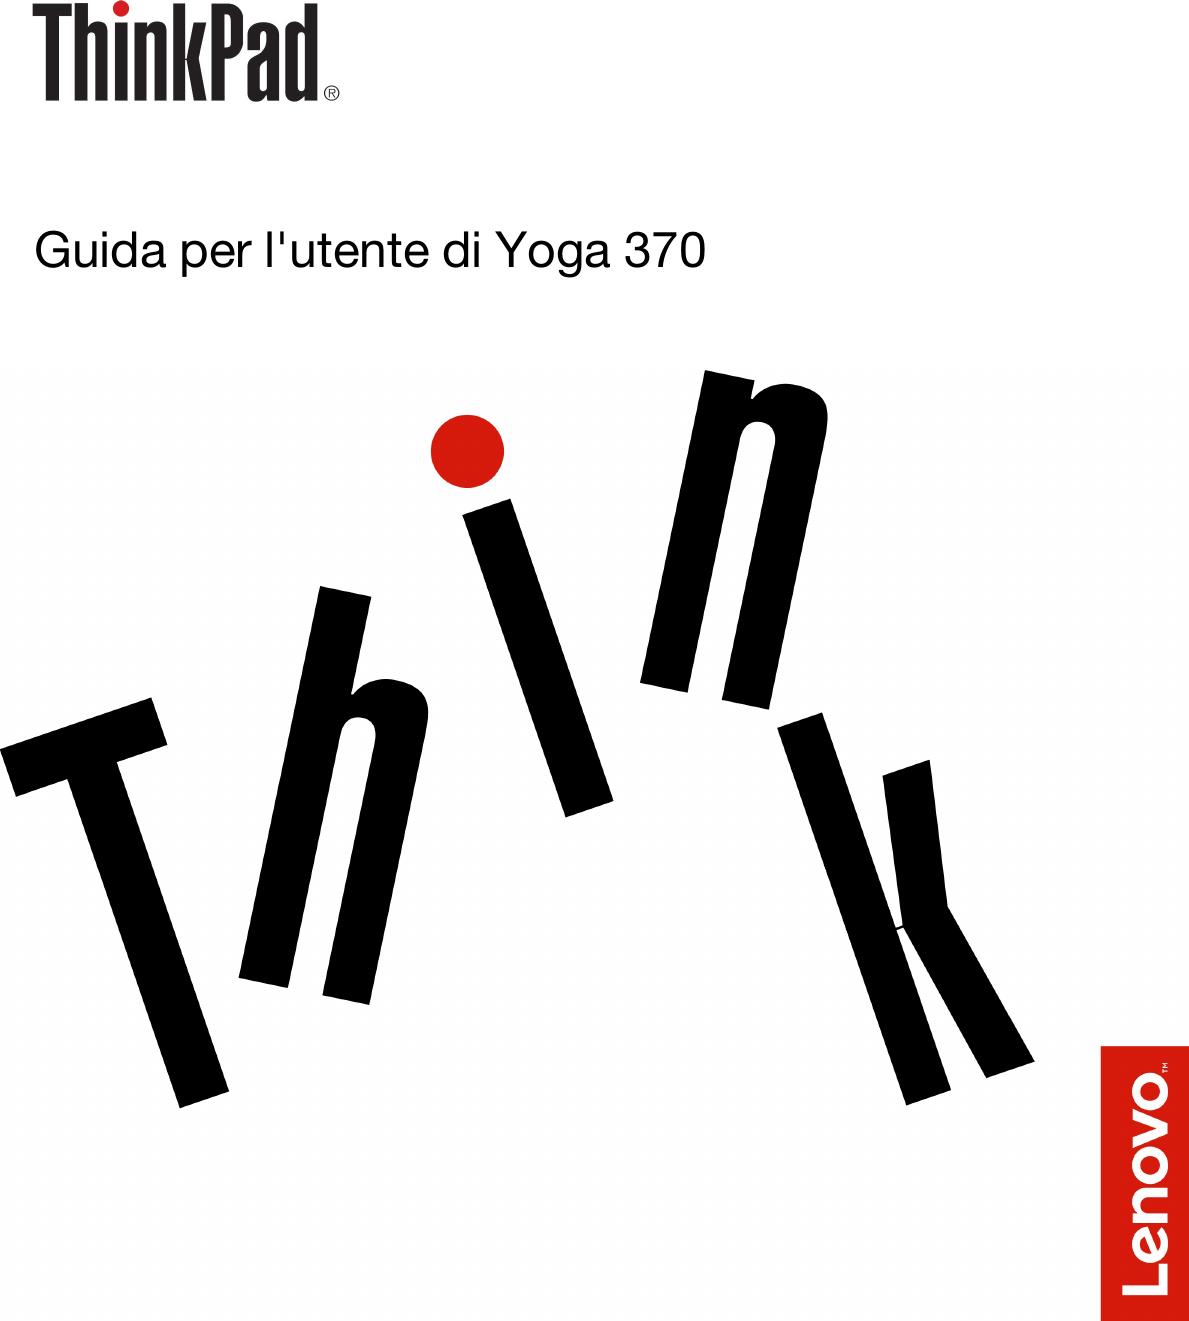 Lenovo Yoga 370 Ug It Guida Per L'utente Di User Manual